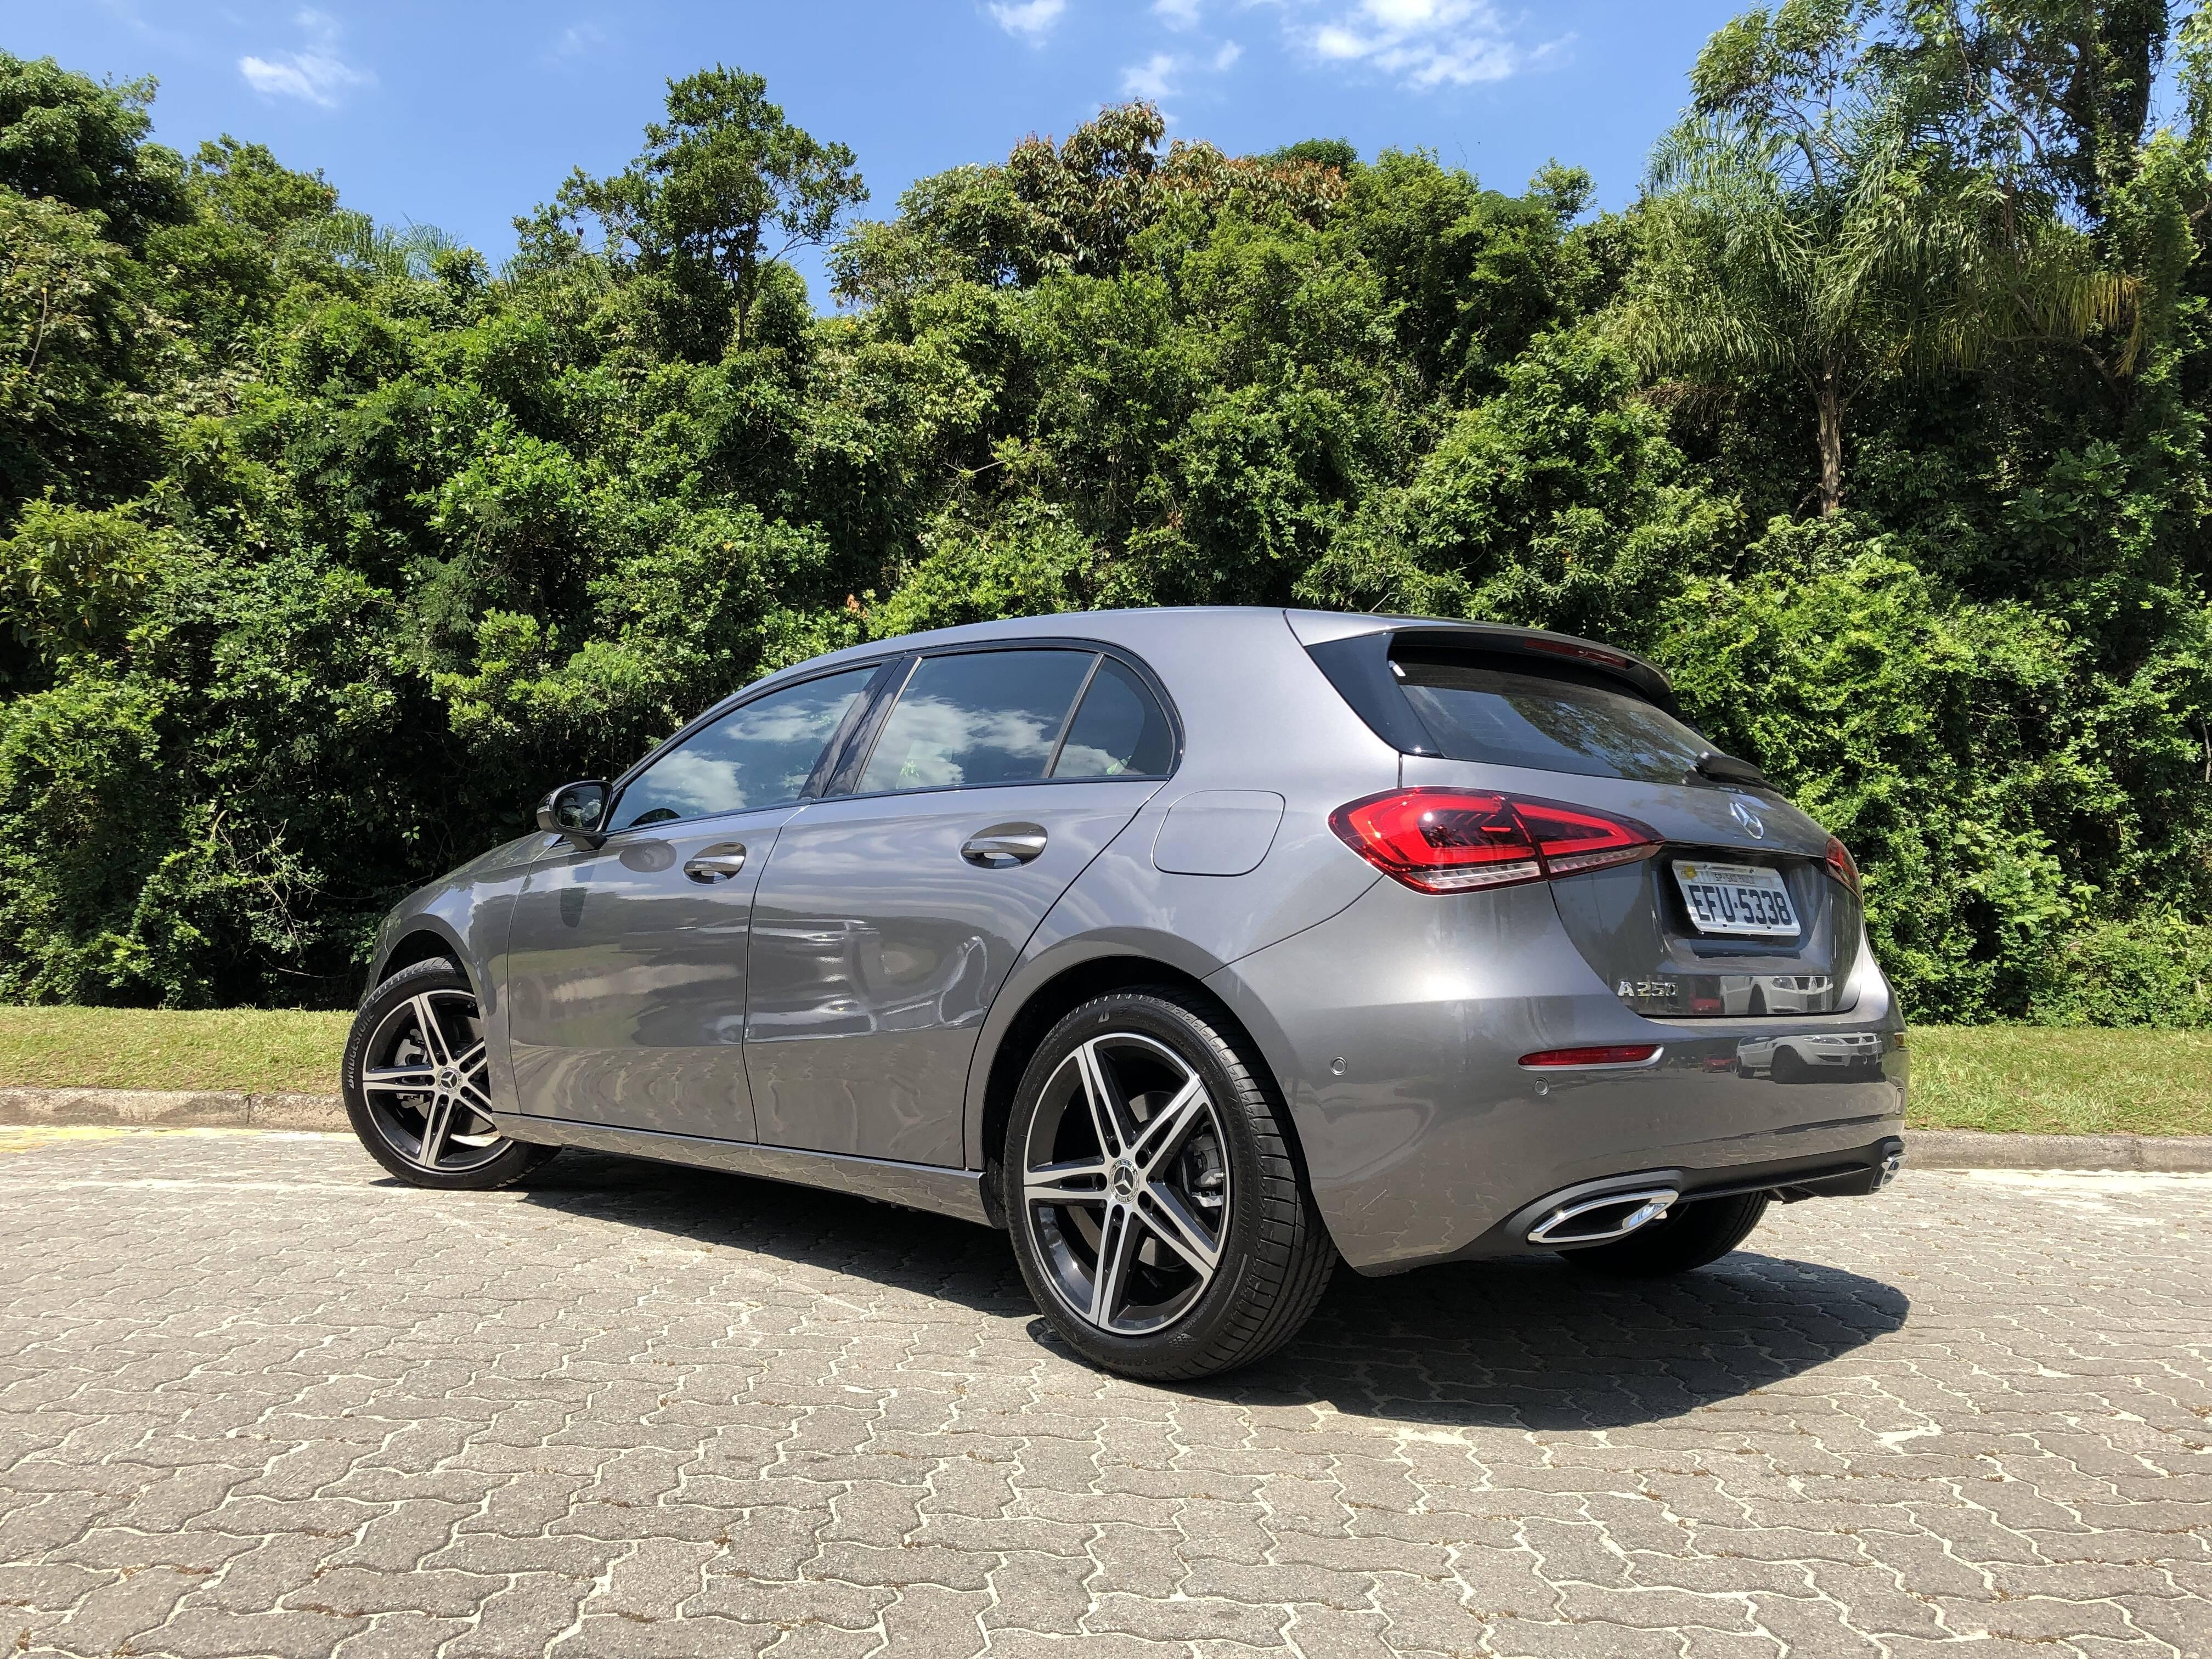 Mercedes-Benz Classe A. Foto: Cauê Lira/iG Carros